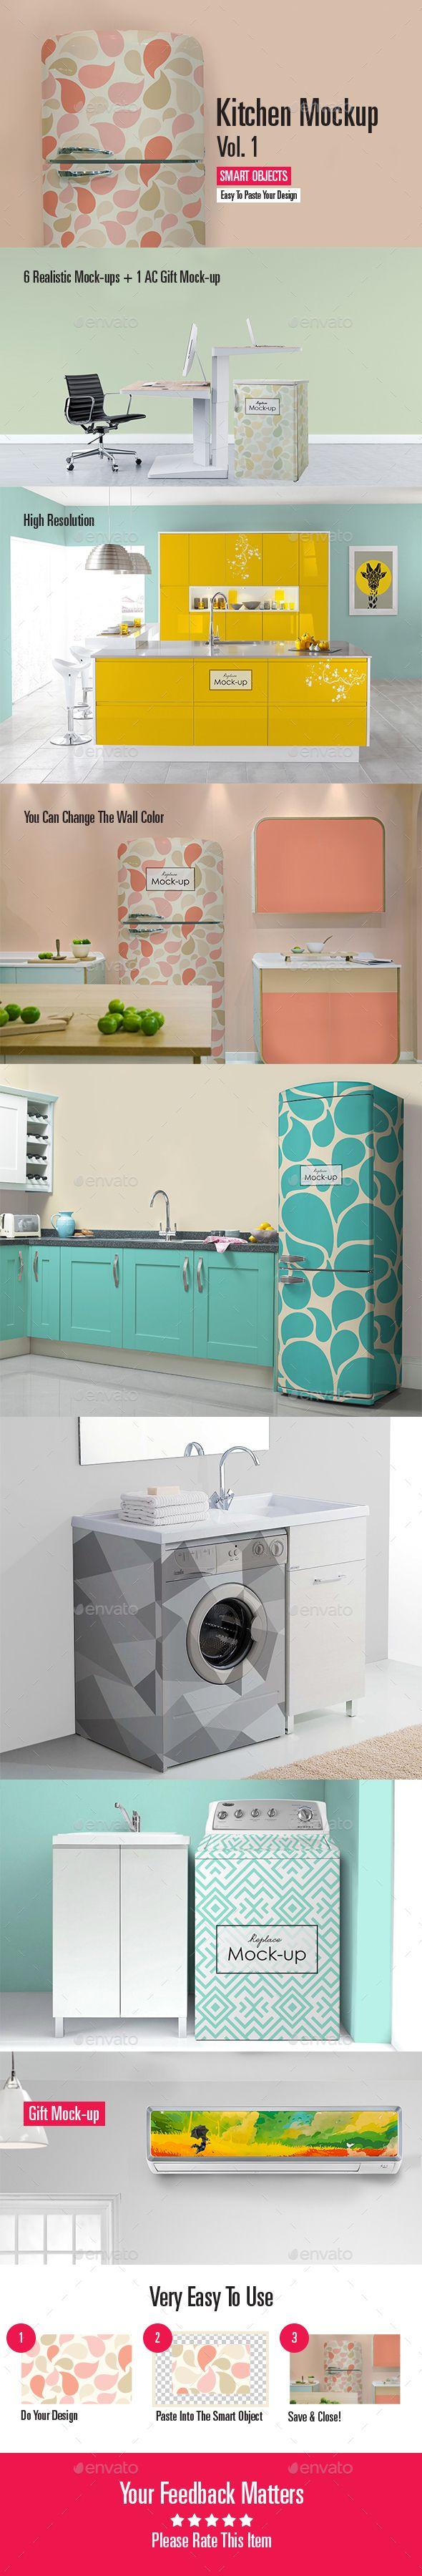 6 poster design photo mockups 57079 - Kitchen Mock Up Vol 1